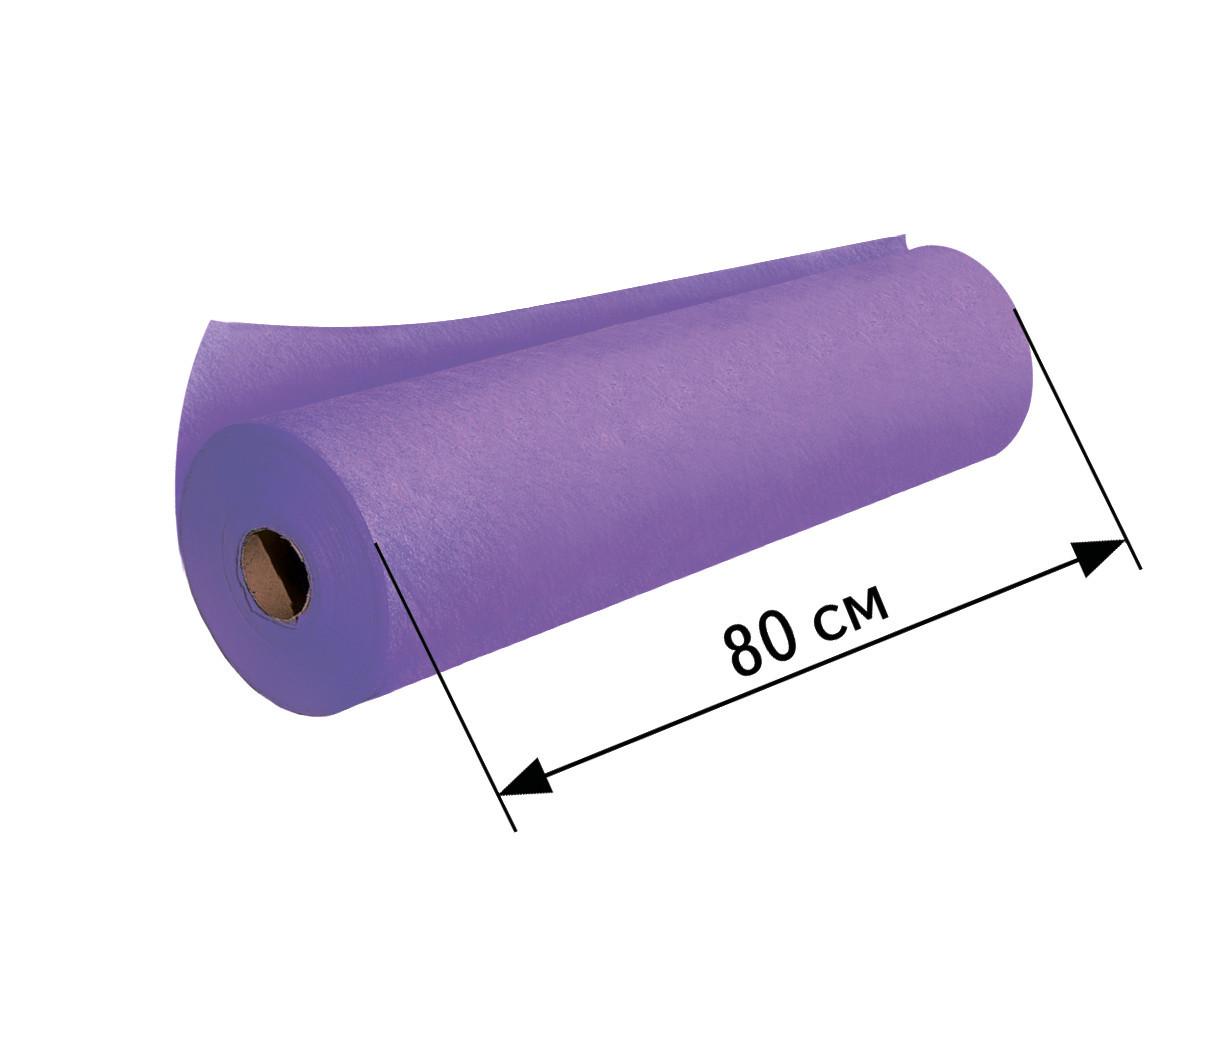 Простыни одноразовые в рулоне 0.8х100 м, 23 г/м2 - Фиолетовые